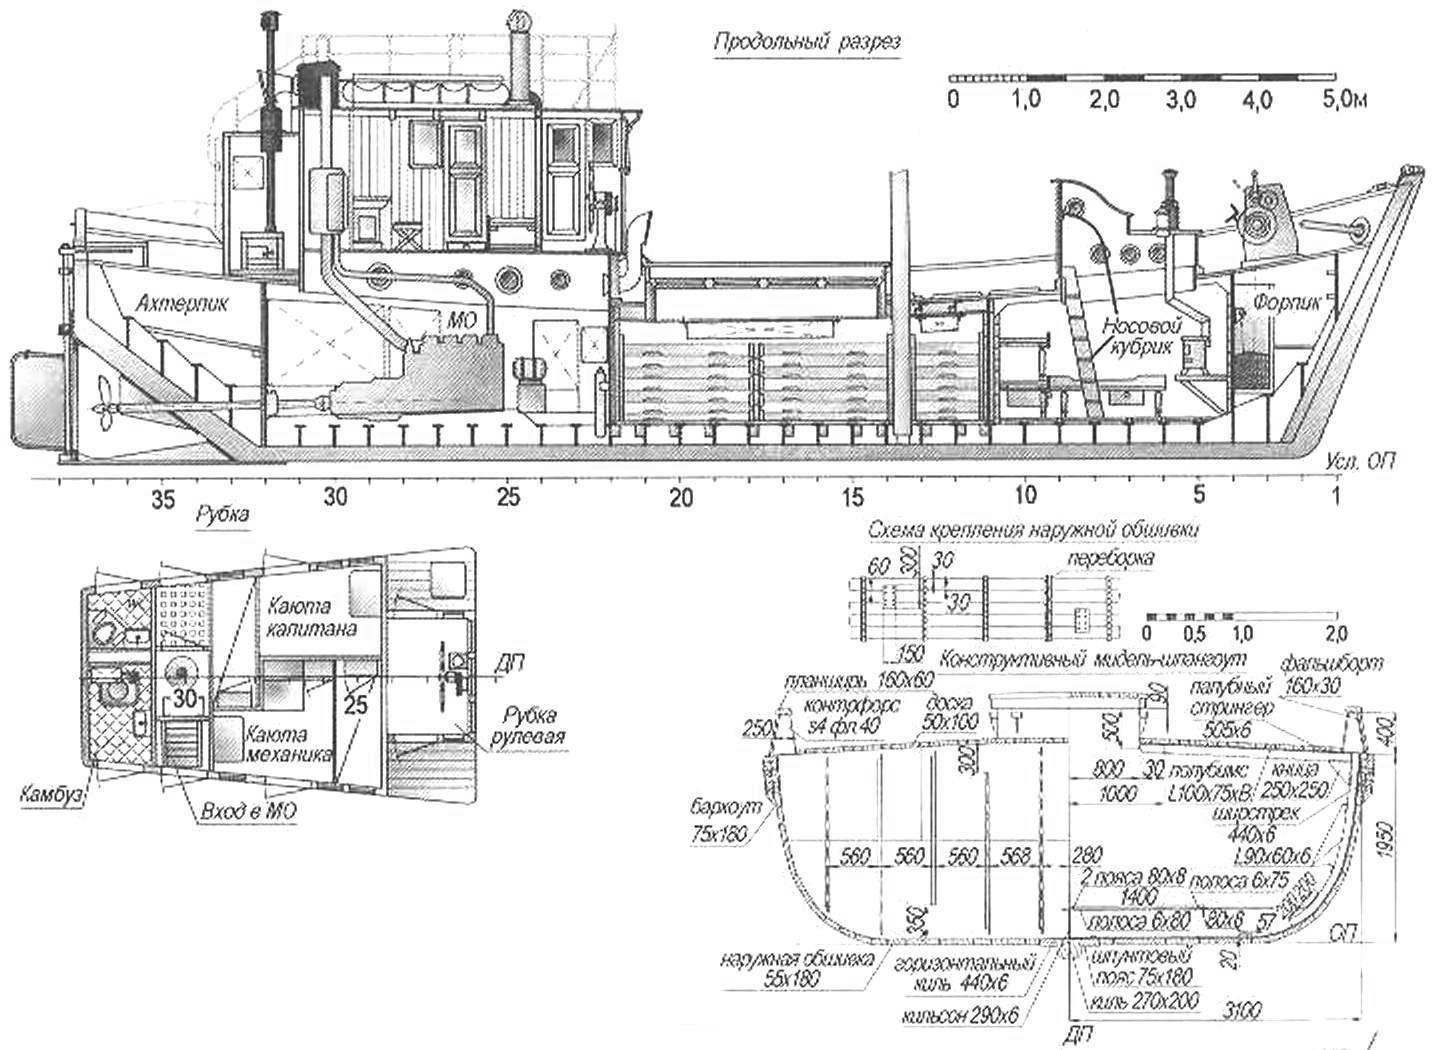 Промысловое и транспортное судно проекта 330